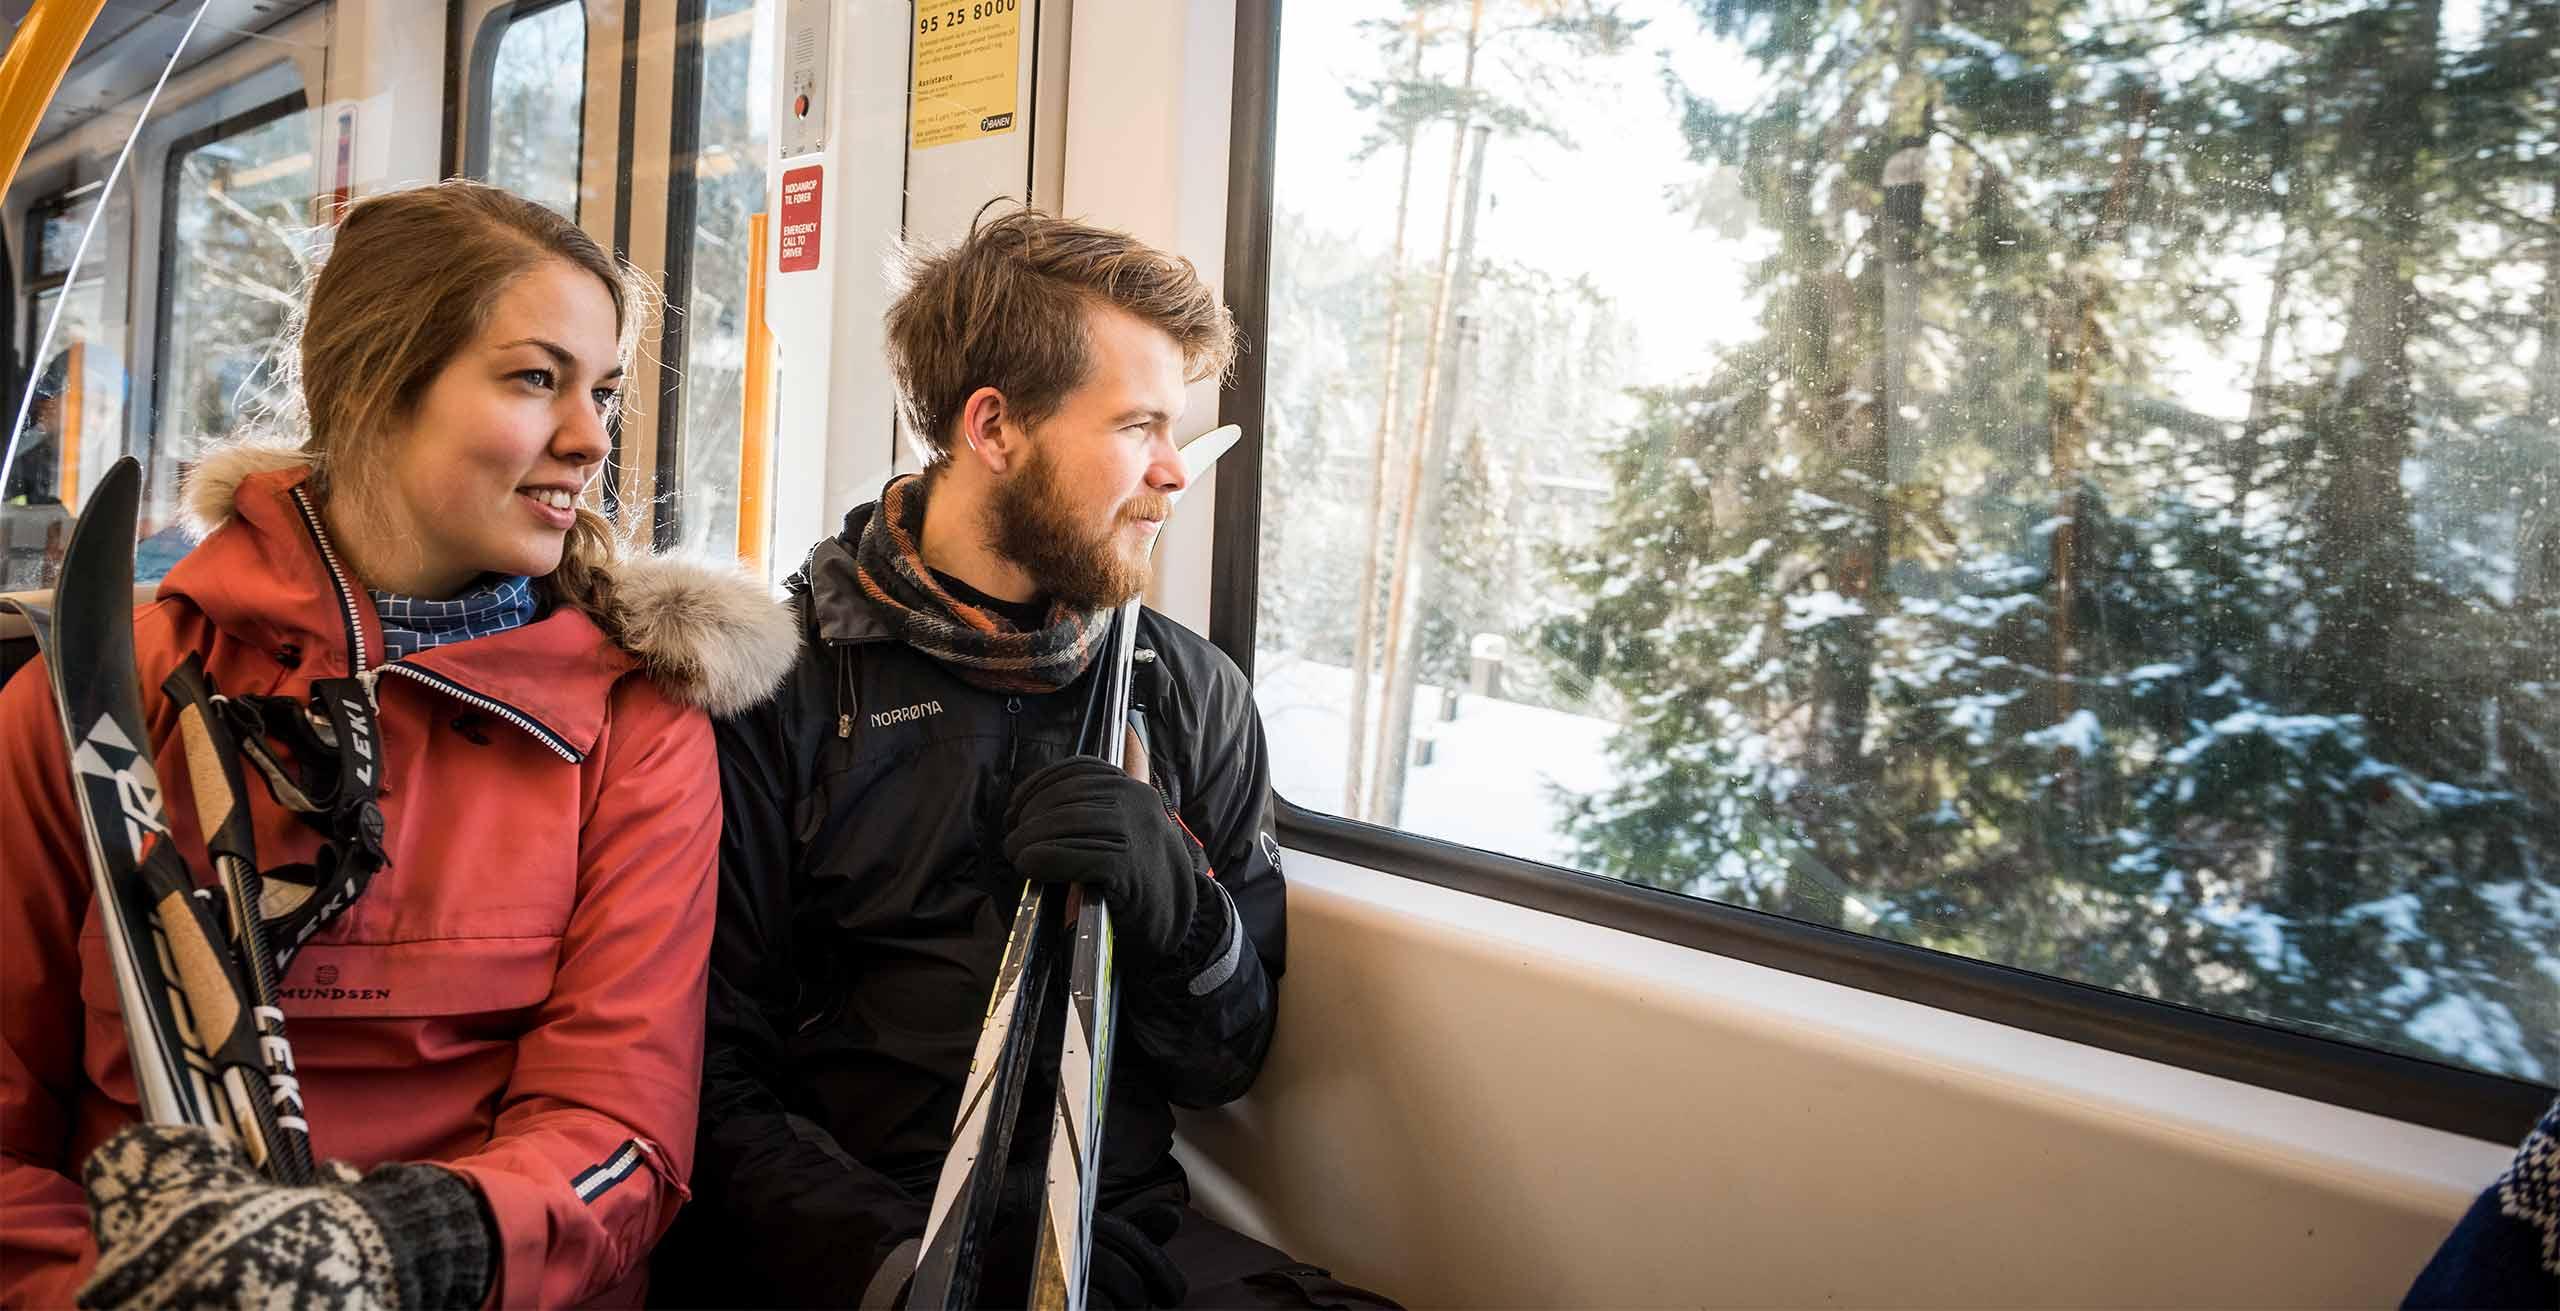 Bilde av to passasjerer med langrennski på t-banen